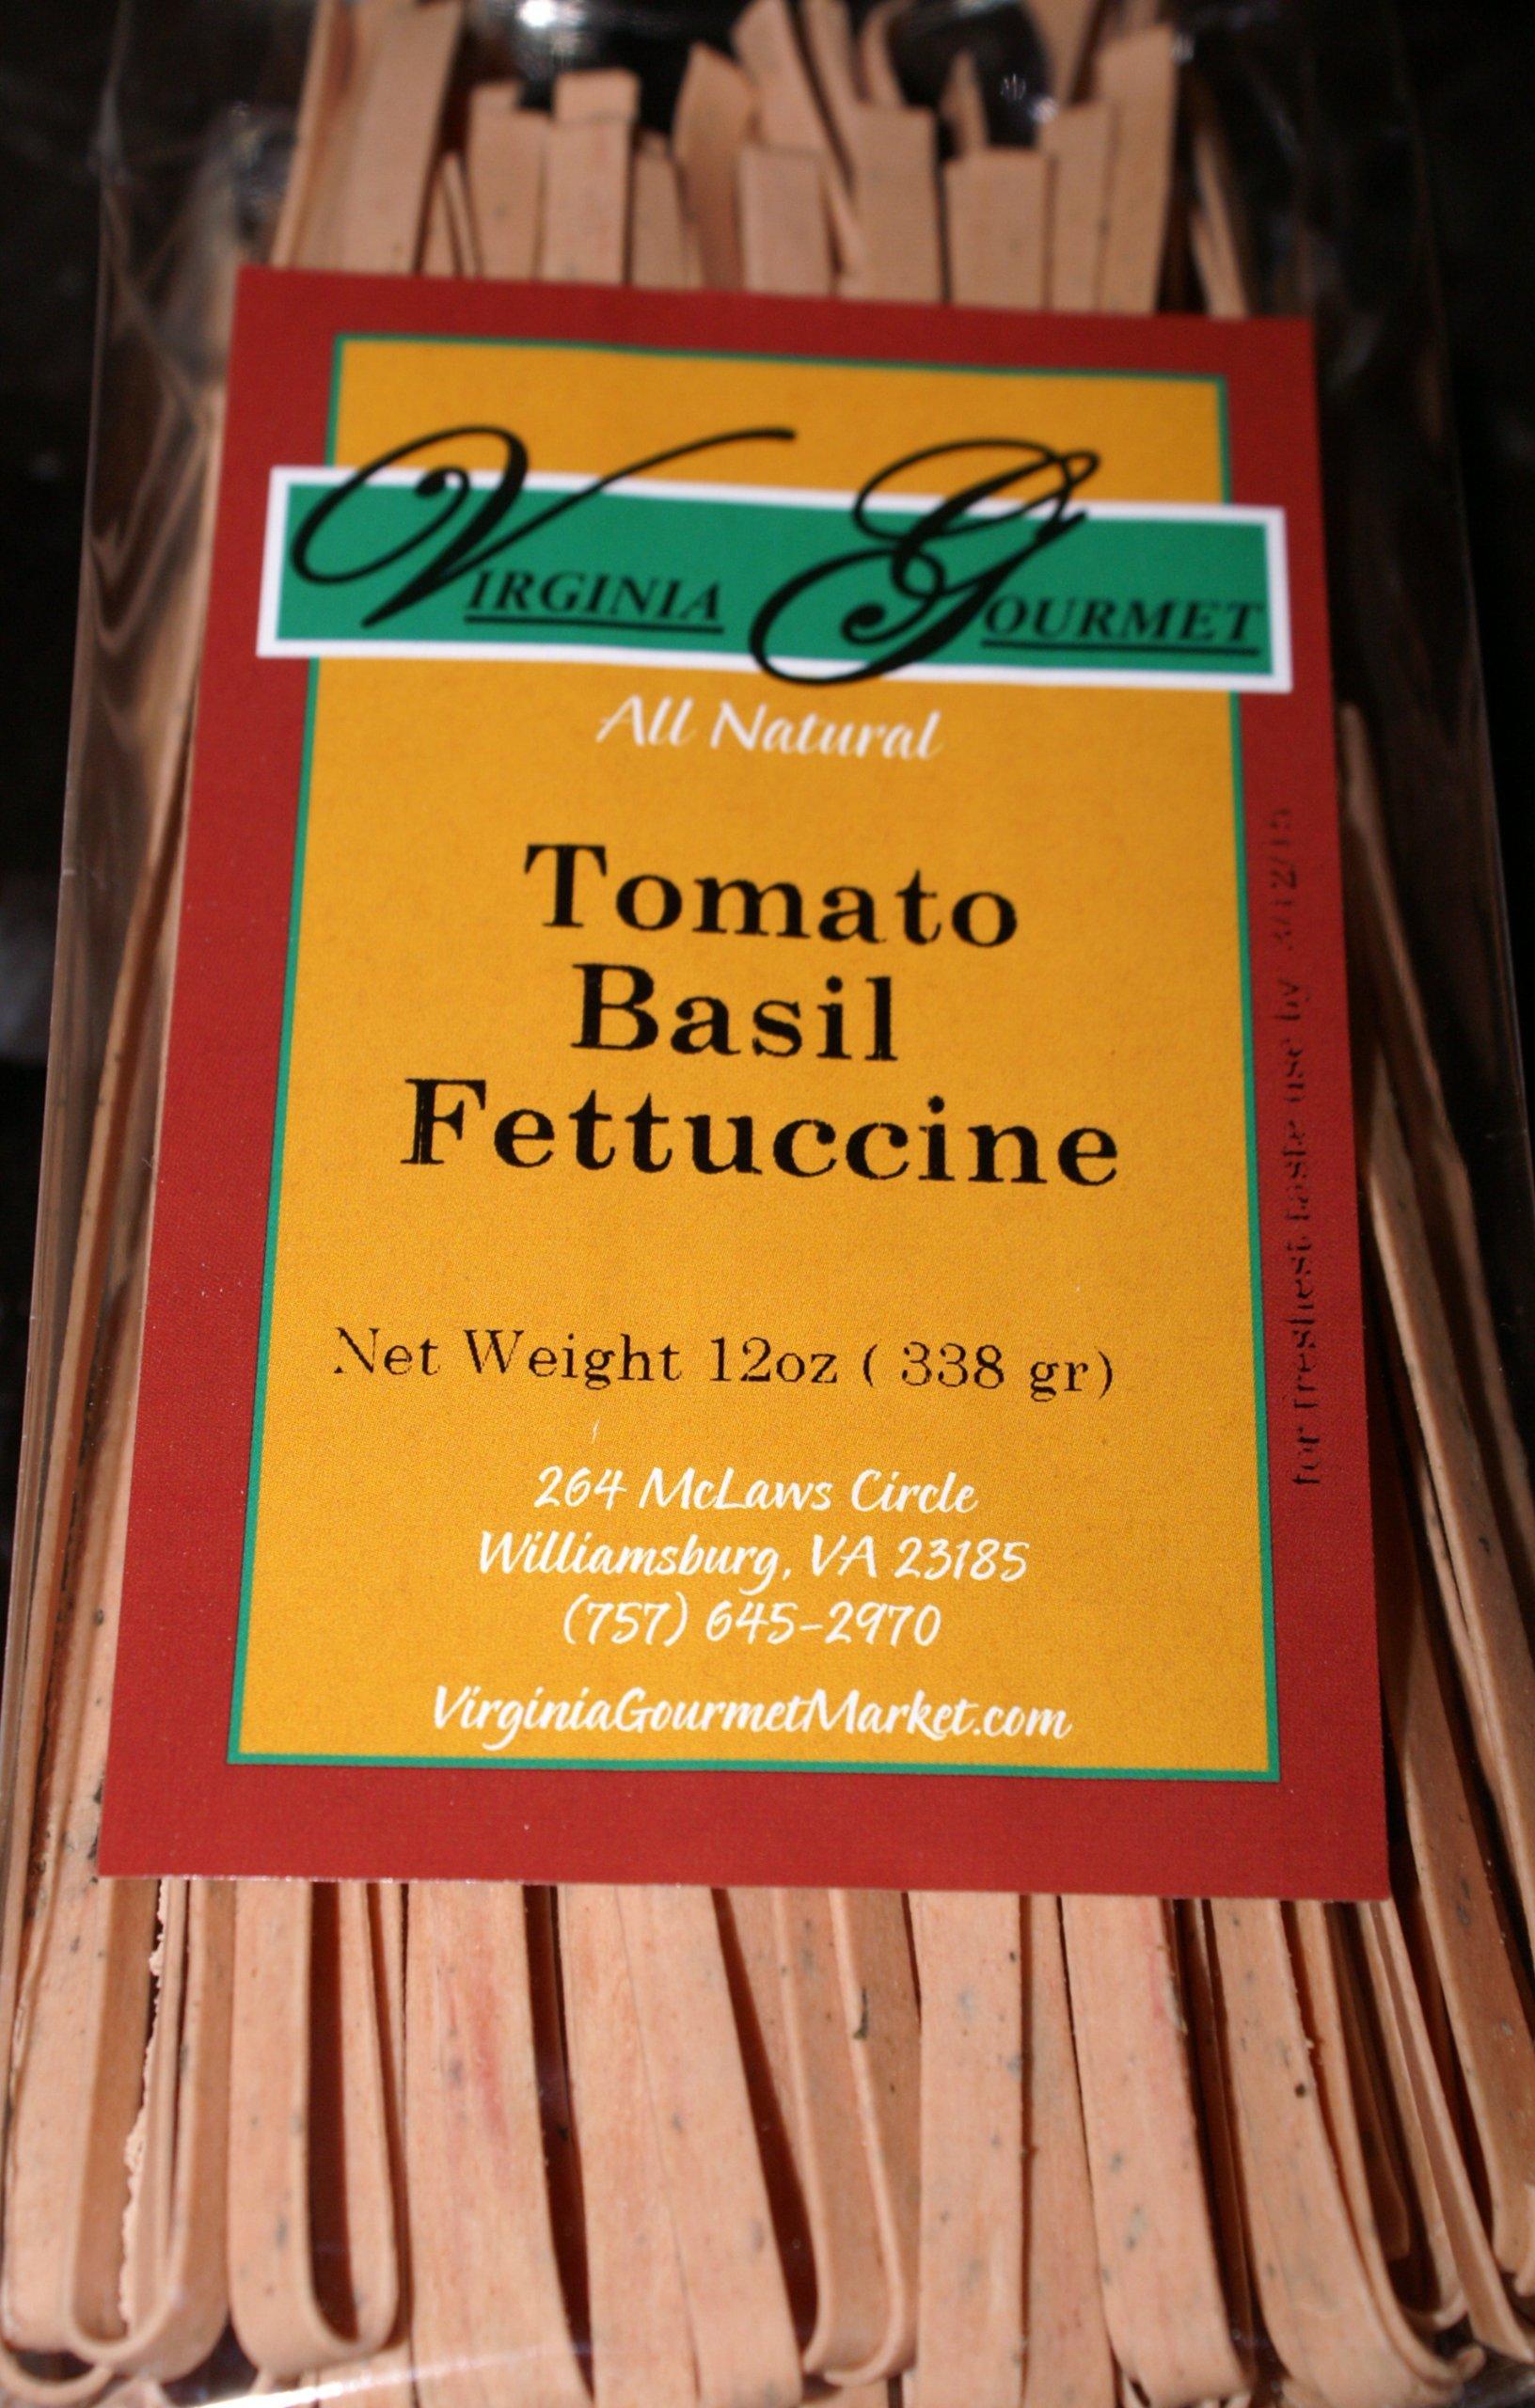 Virginia Gourmet Tomato Basil Fettuccine Pasta- All Natural Vegan - 6 Pack (Each Pack Serves 6)